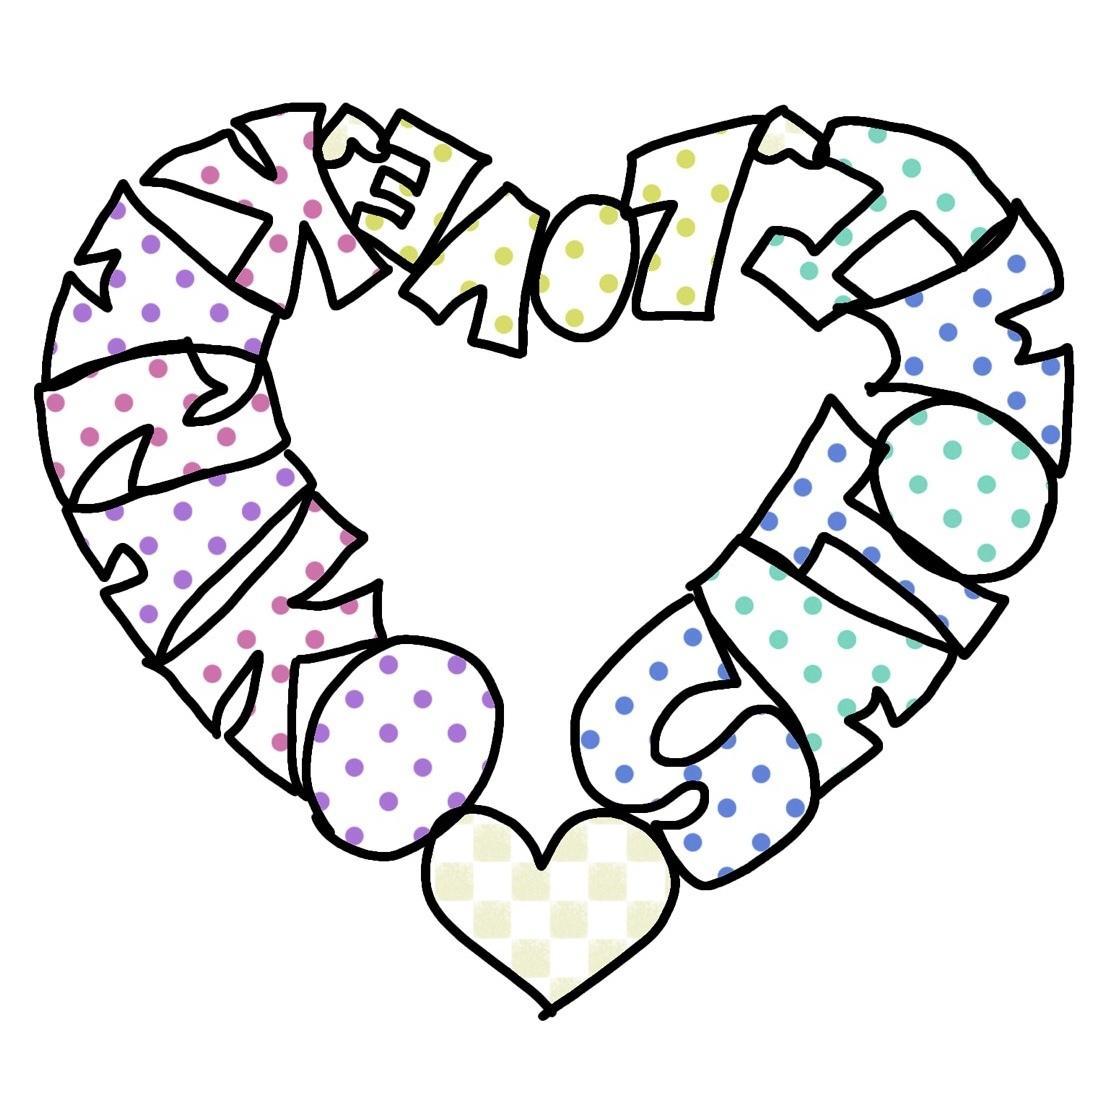 お名前等をハート型に書きます 友達や恋人のプチサプライズに!